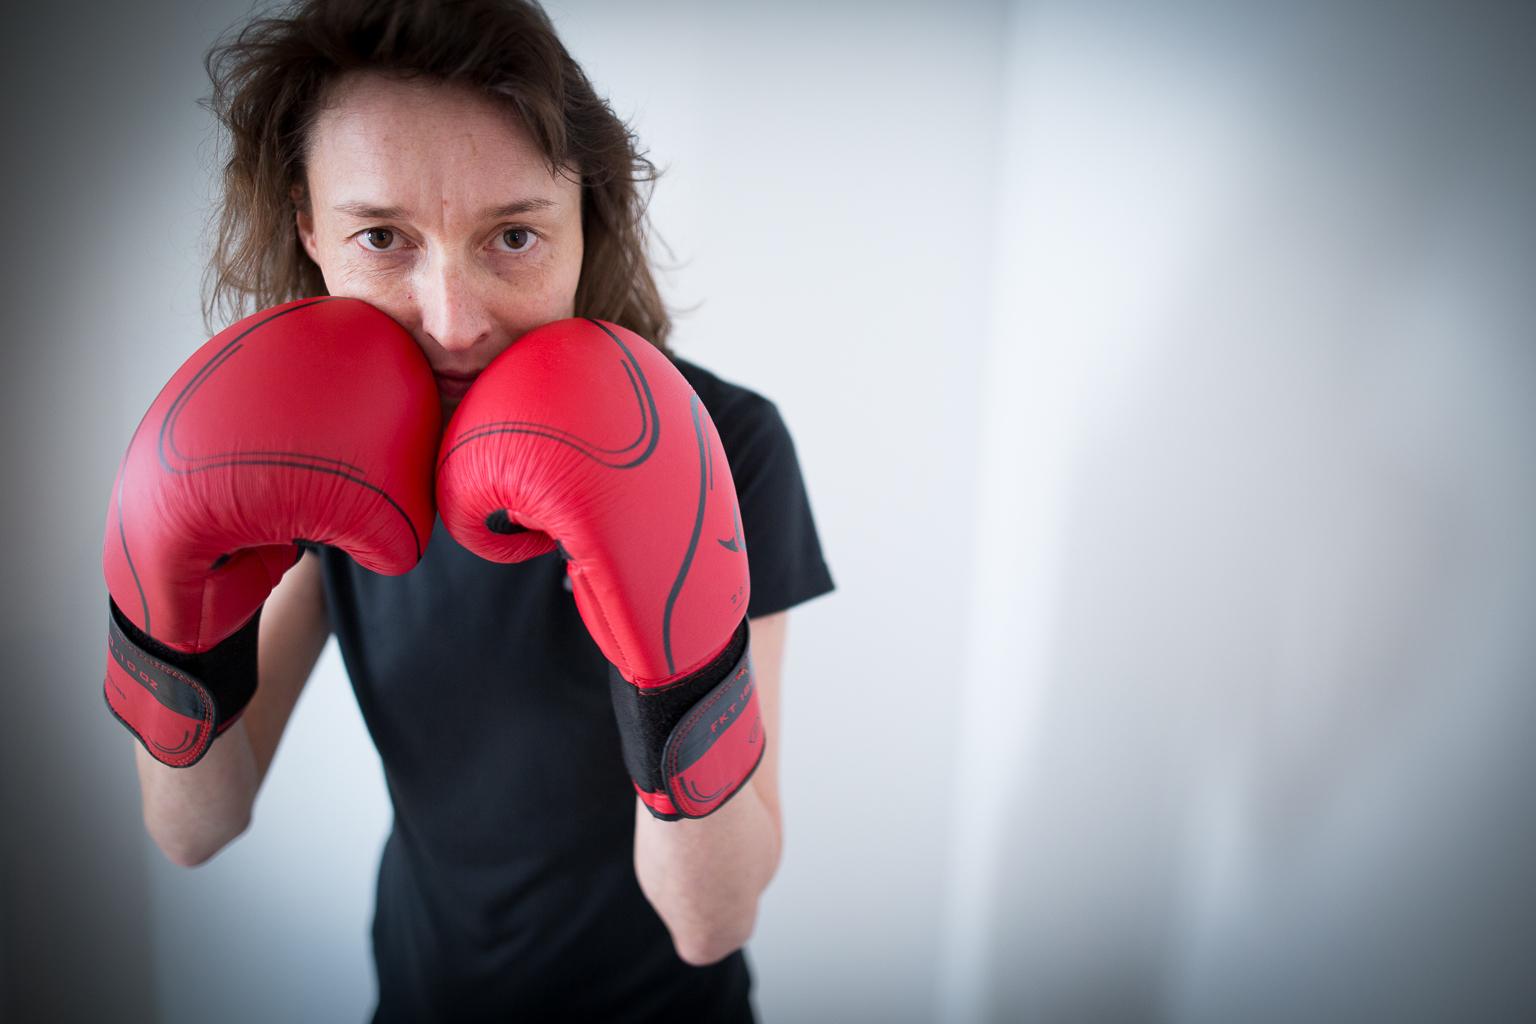 femme en garde, aux gants de boxe rouges